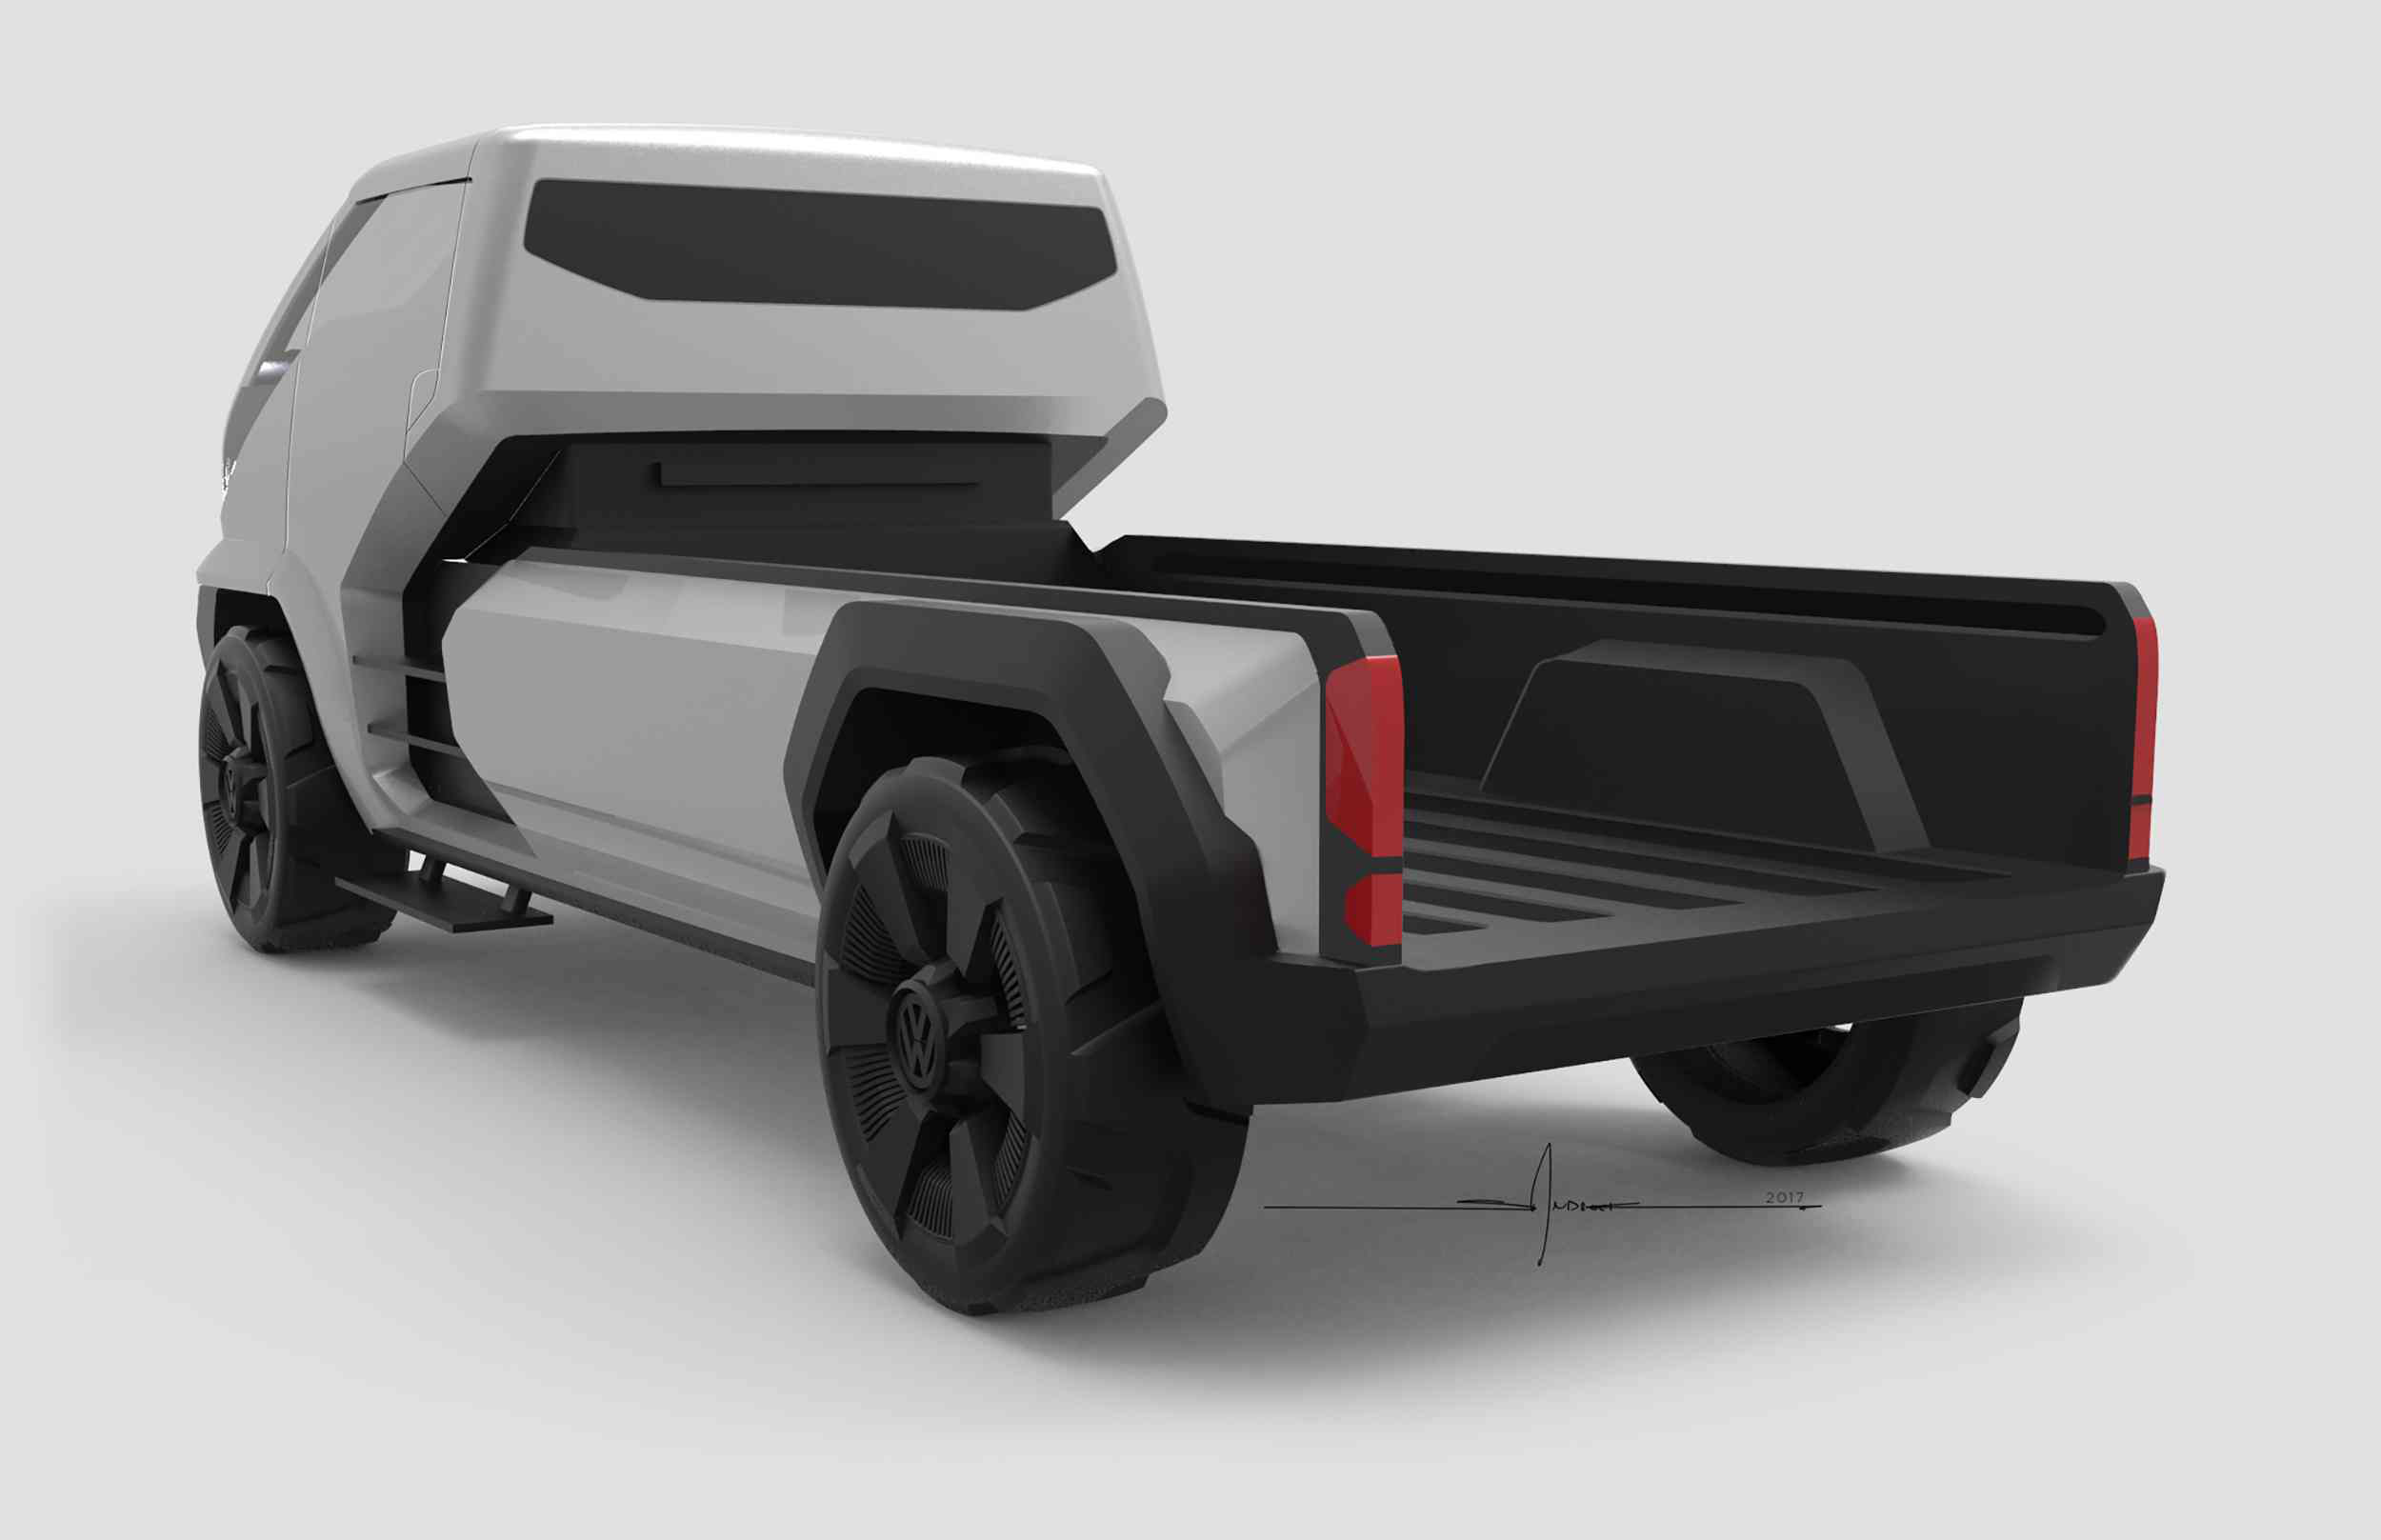 Award-winning VW Concept Pickup Design Reveals A Versatile